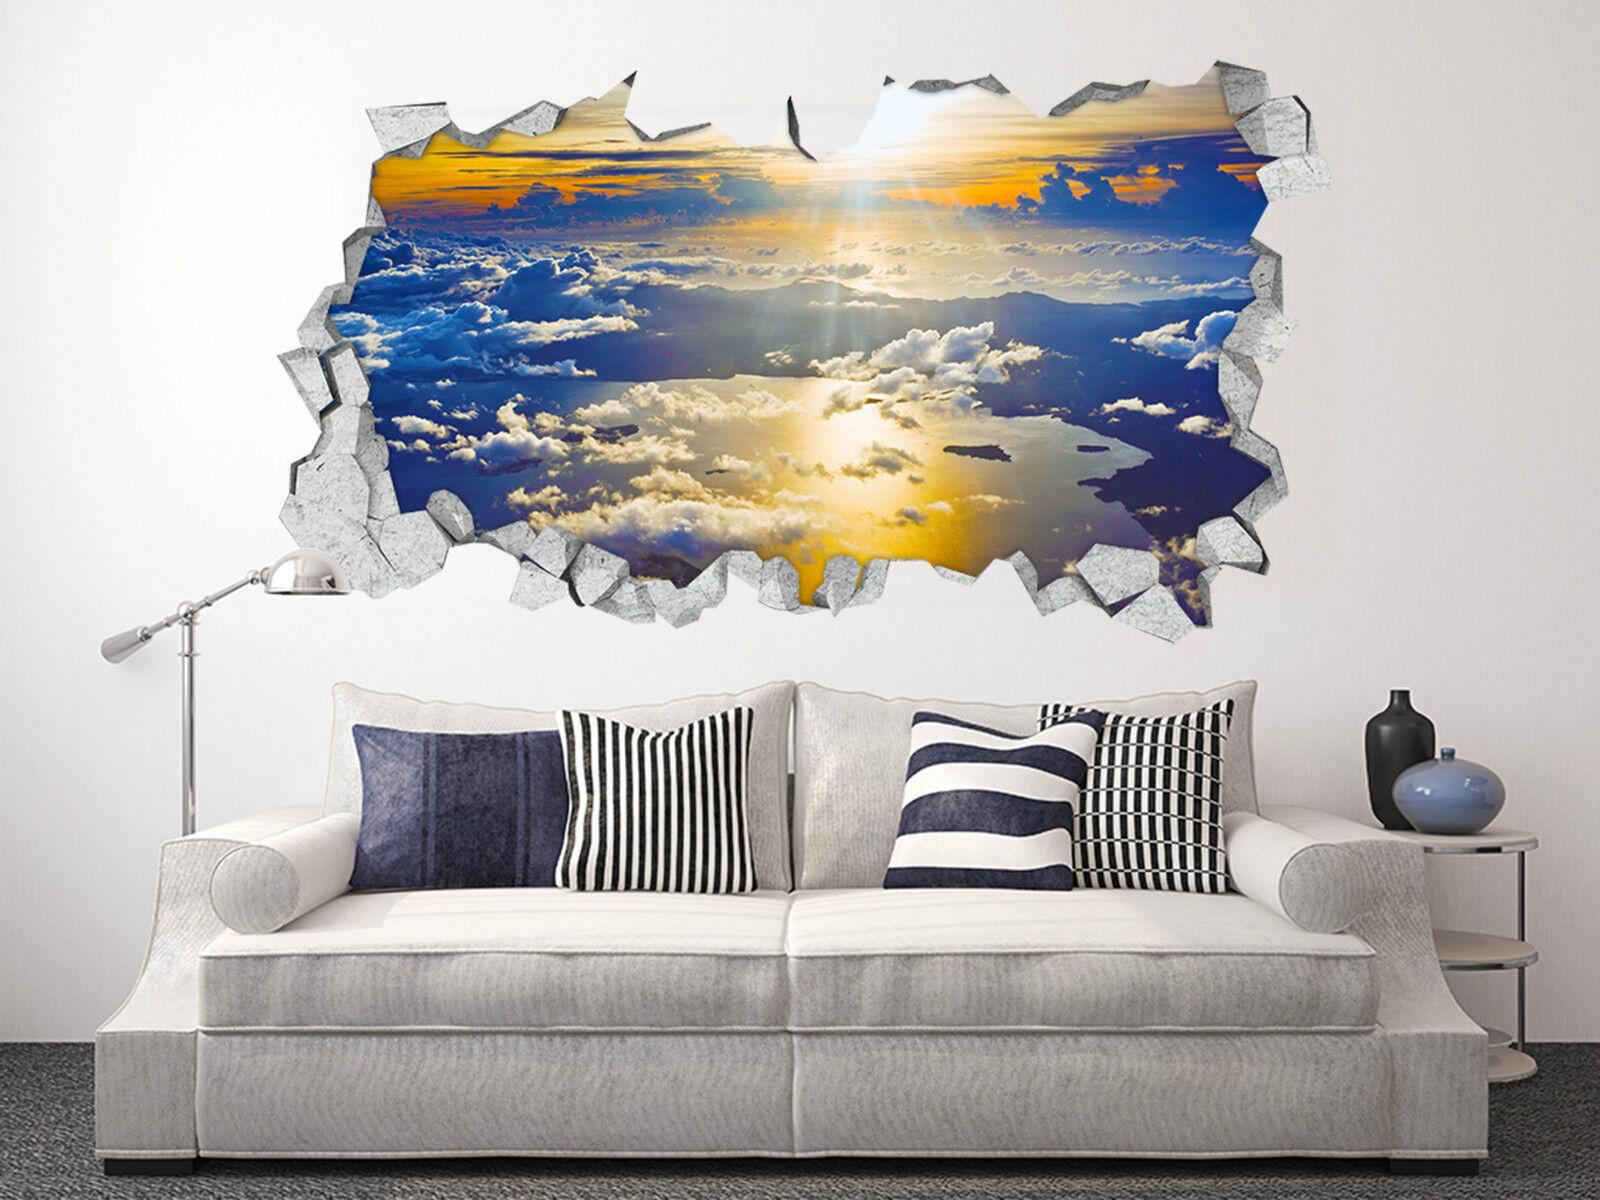 3D Gletscher 62 Mauer Murals Aufklebe Decal Durchbruch AJ WALLPAPER DE Lemon